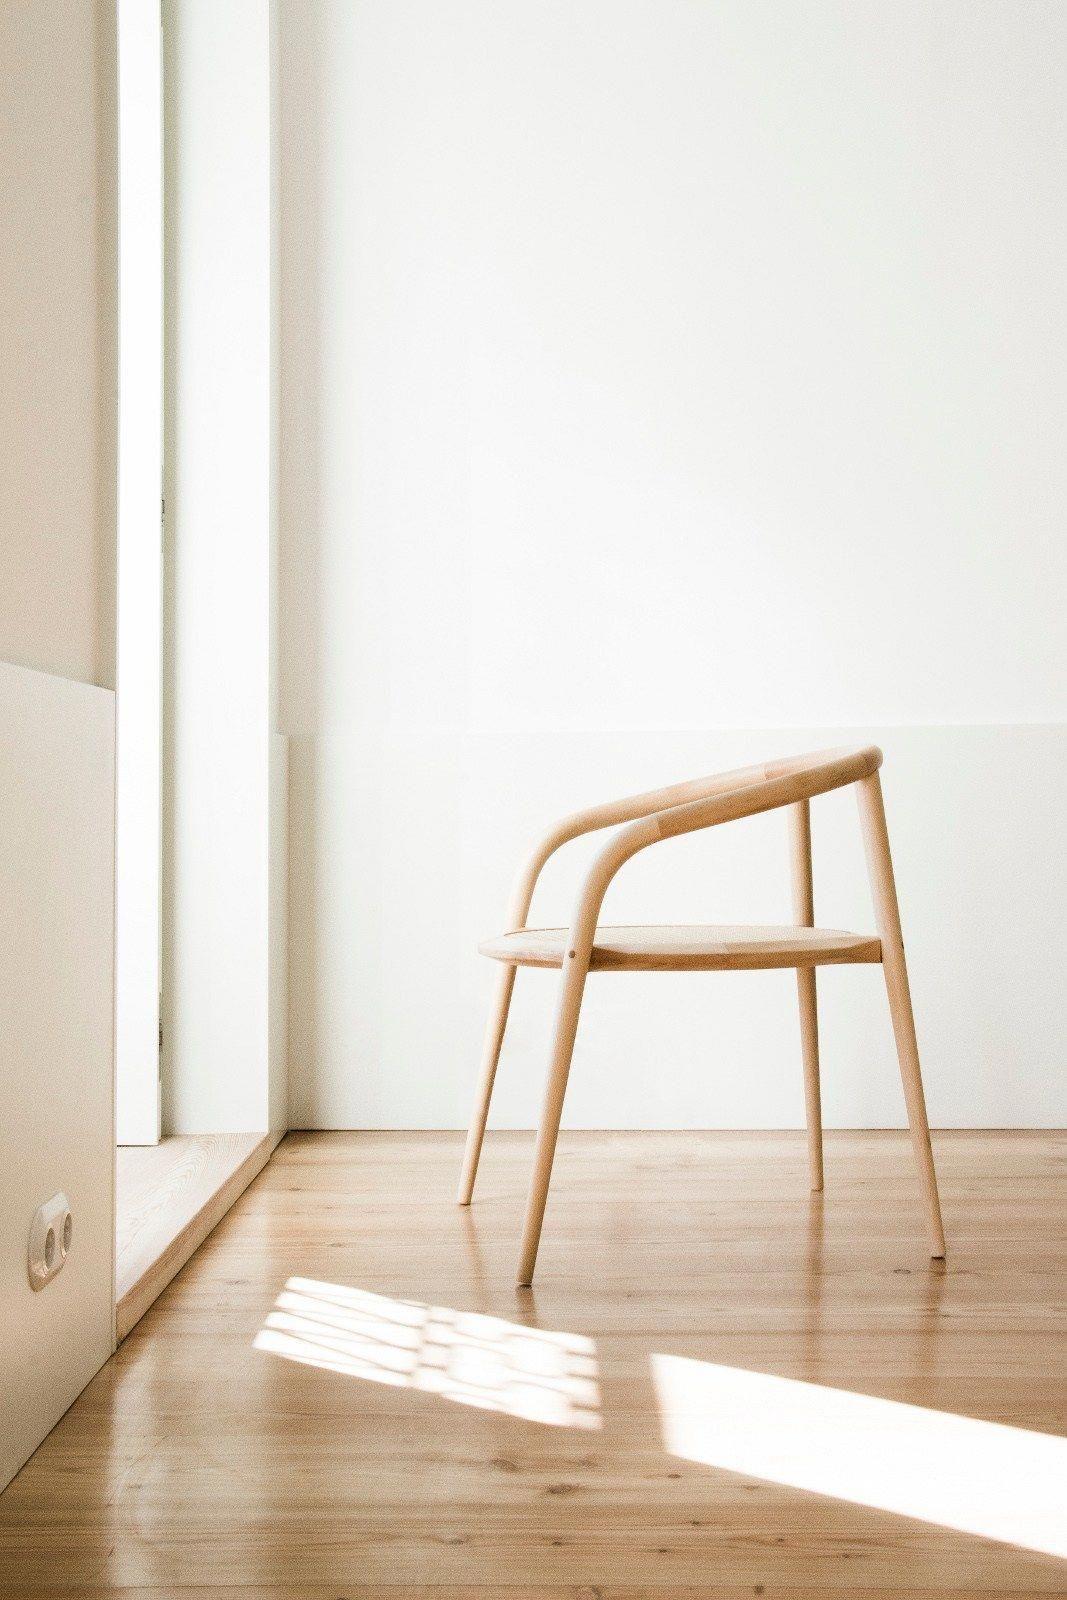 Ejemplo de silla y suelo hechos con m. de Haya.